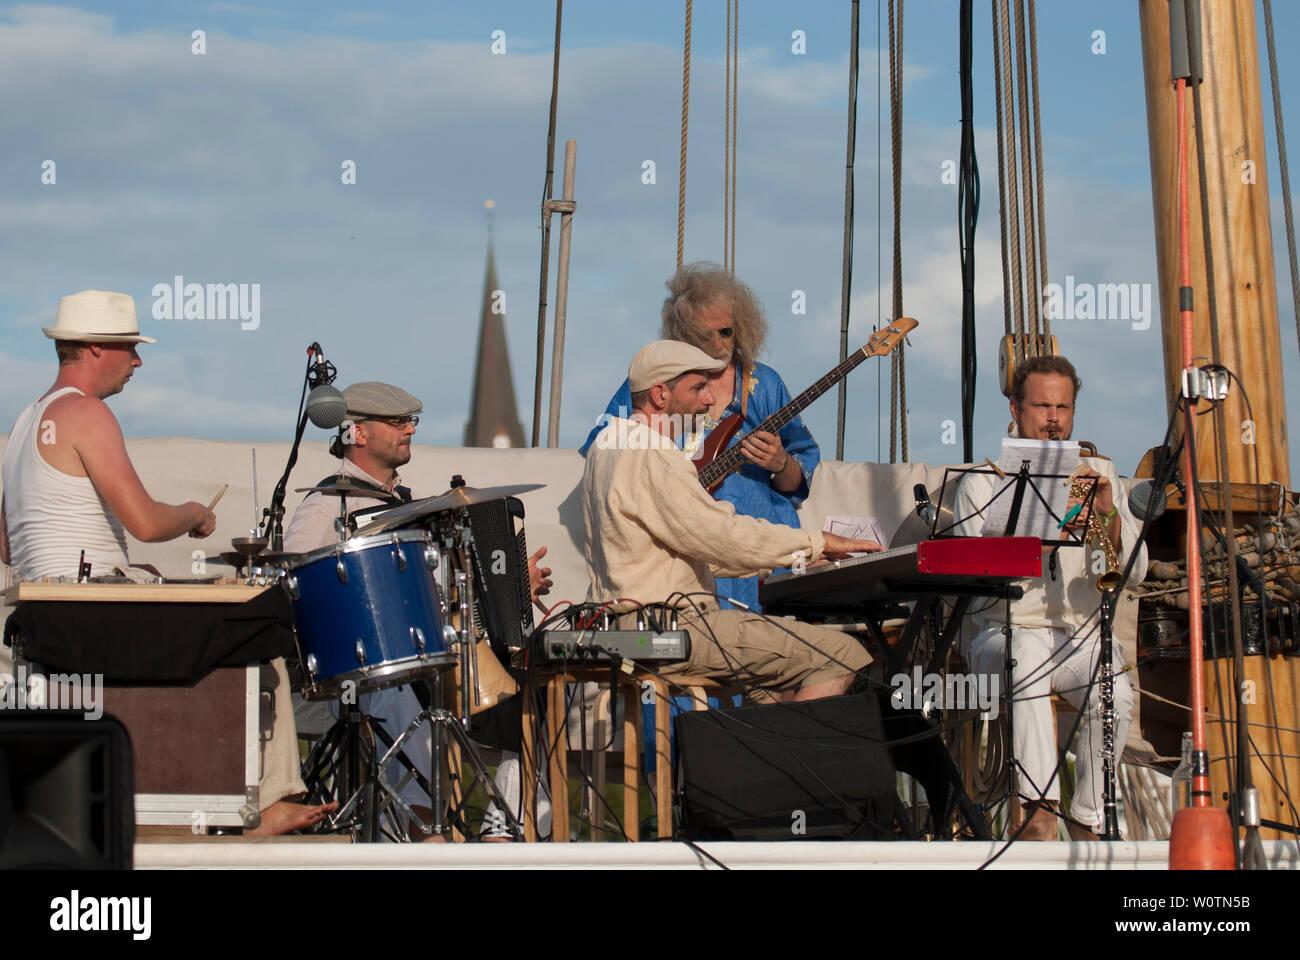 """Band spielt Jazz Rock auf dem traditionellen Segelschiff """"lovis"""" am 30.07.2018 im Flensburger Hafen (Inner Harbor) - und begleitete die gesamte Performance musikalisch Stockbild"""